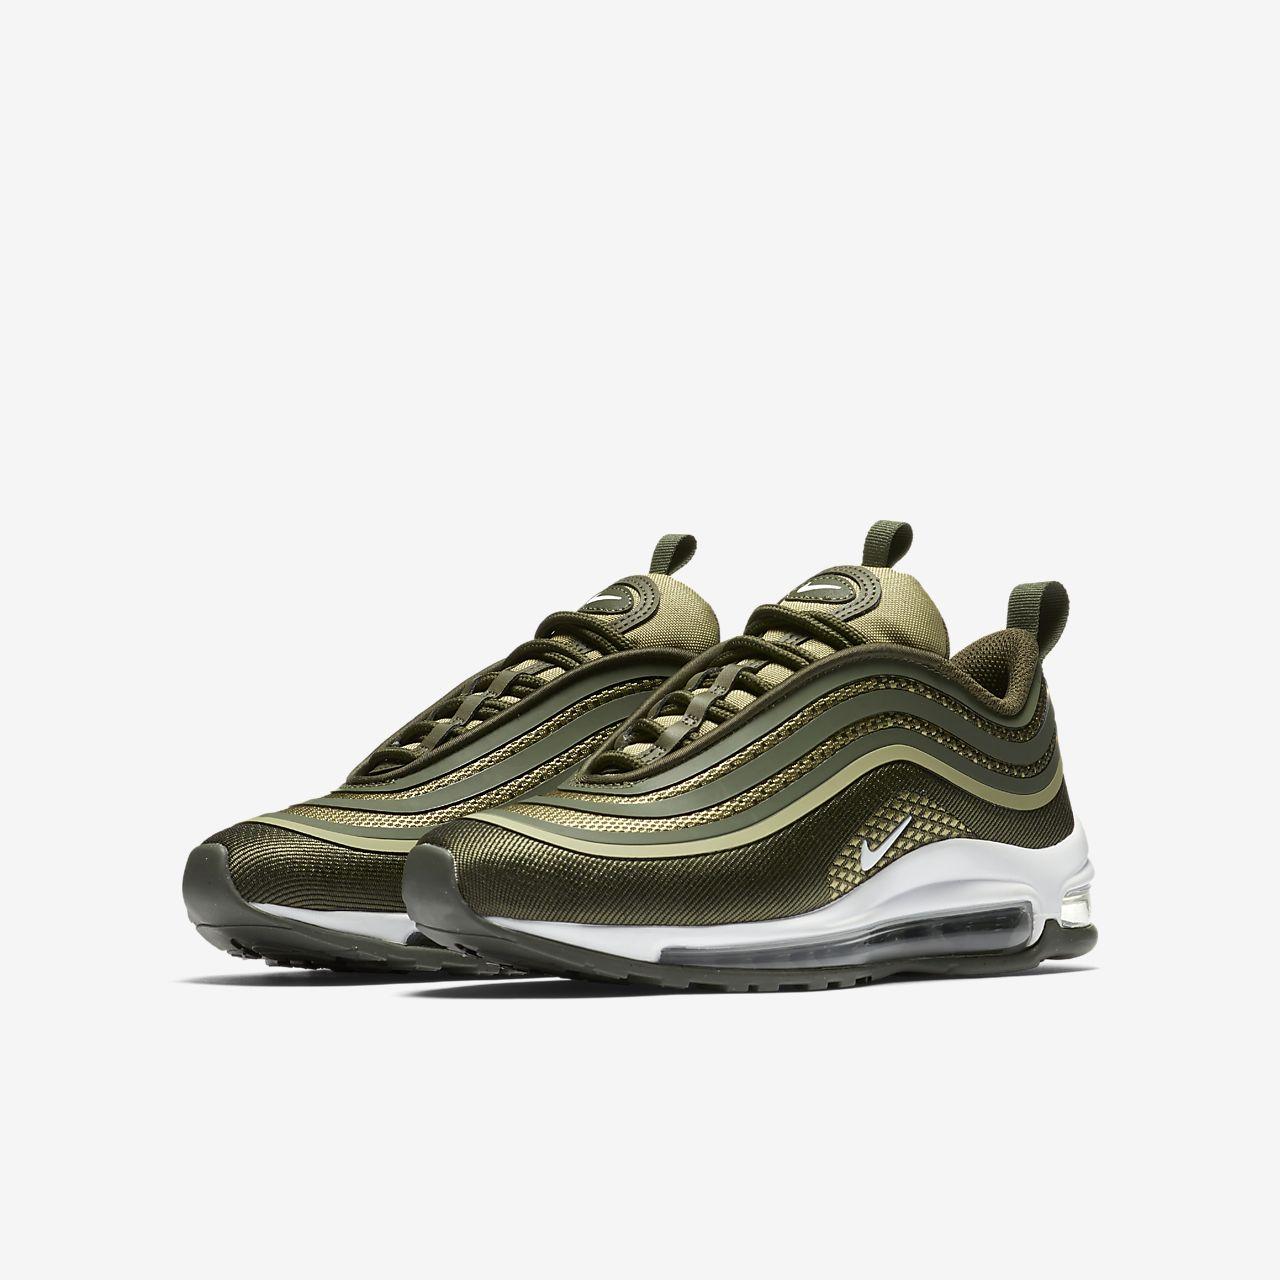 ... Chaussure Nike Air Max 97 Ultra '17 pour Enfant plus âgé